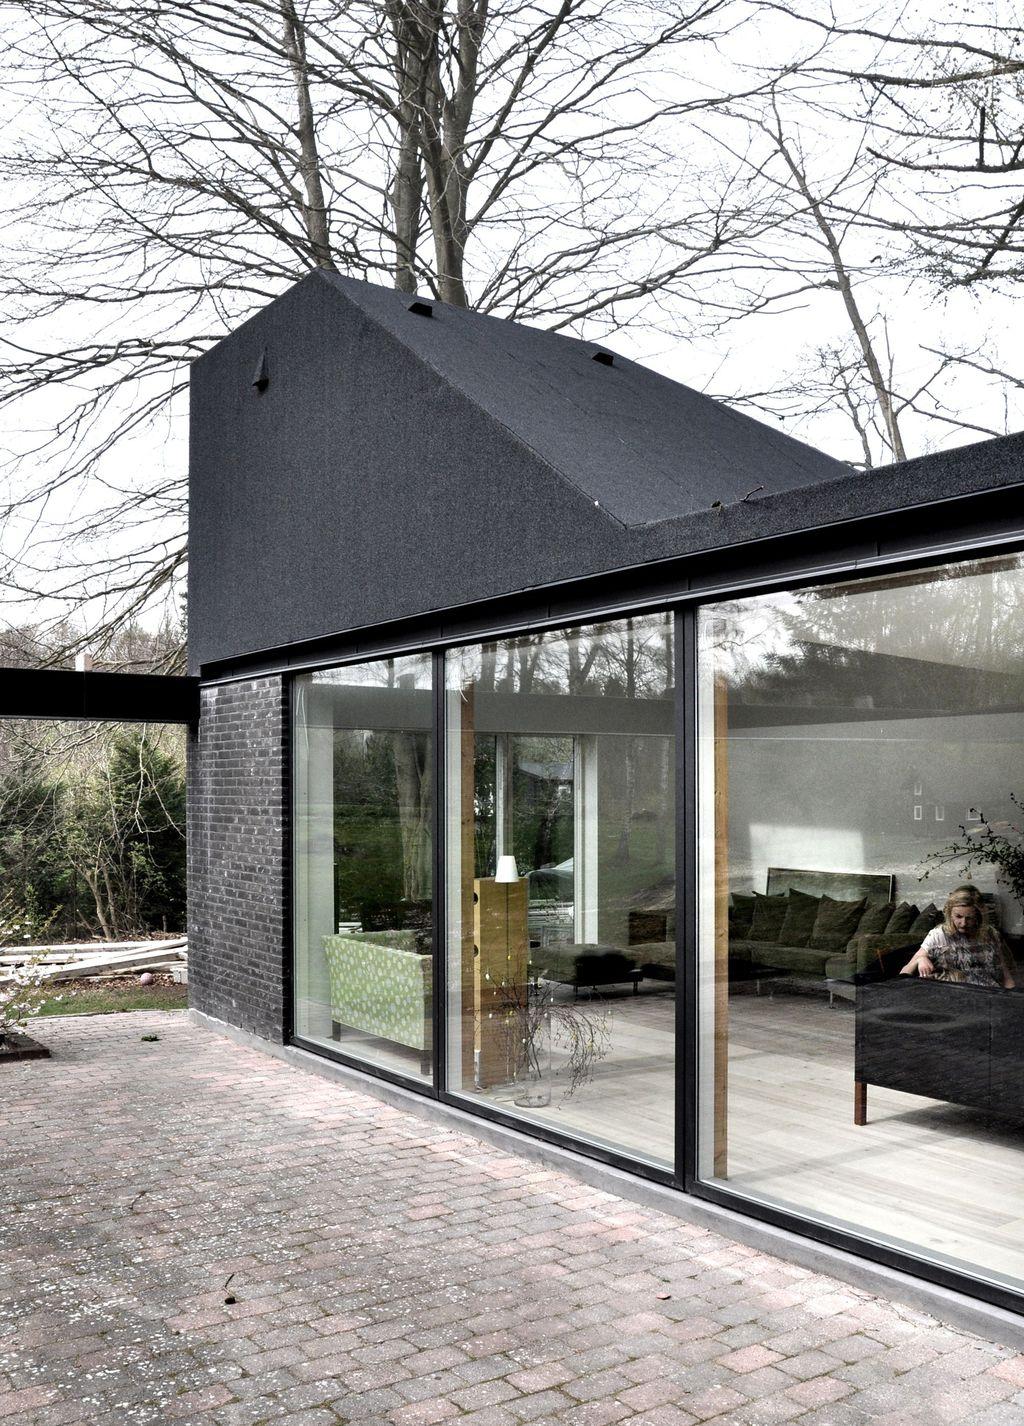 The Best Modern Roof Design Ideas 04